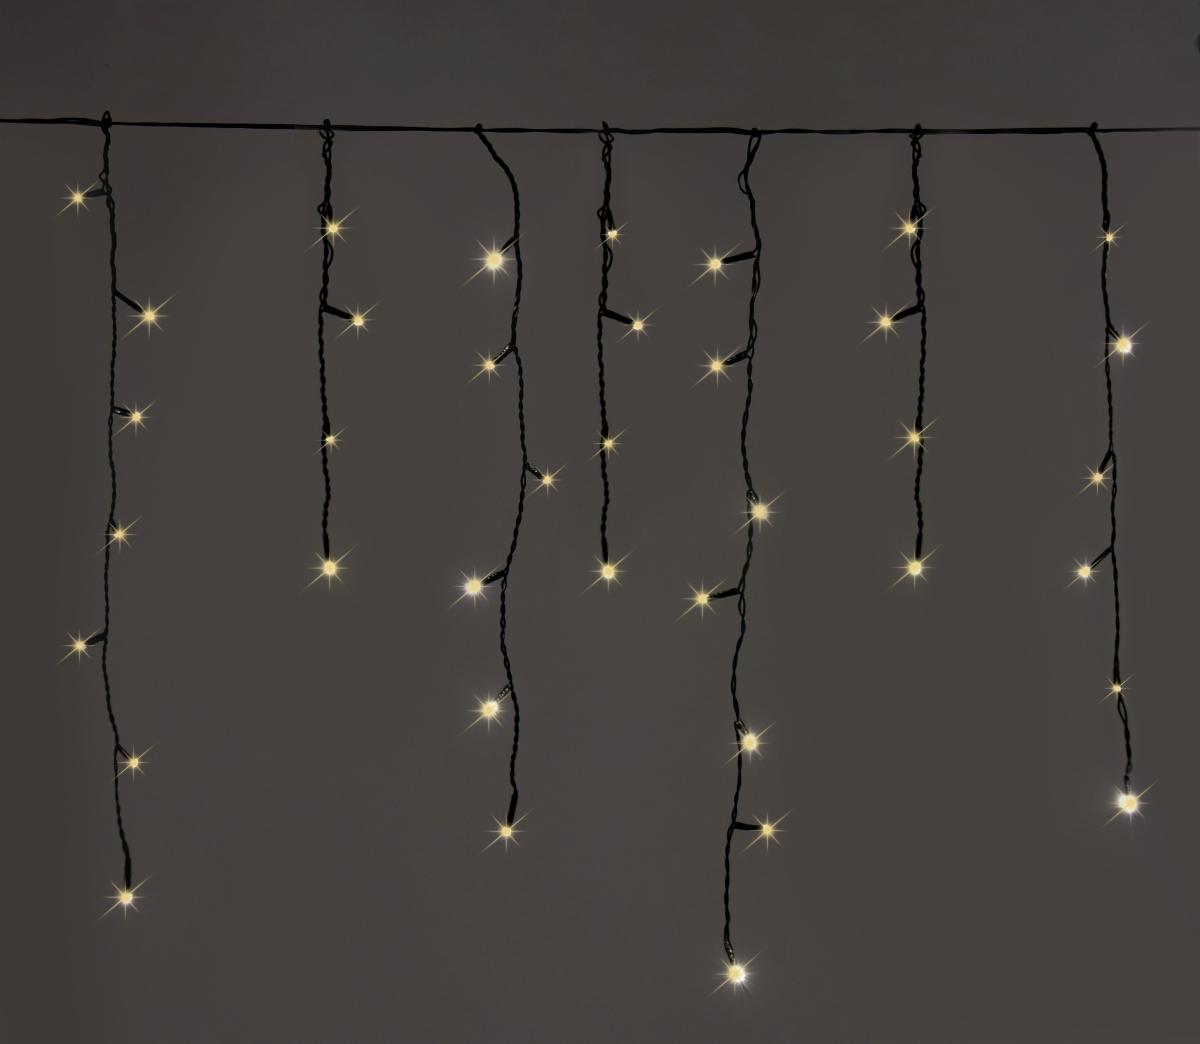 LED světelný déšť, 200 LED diod, 8 programů, teplé bílé světlo